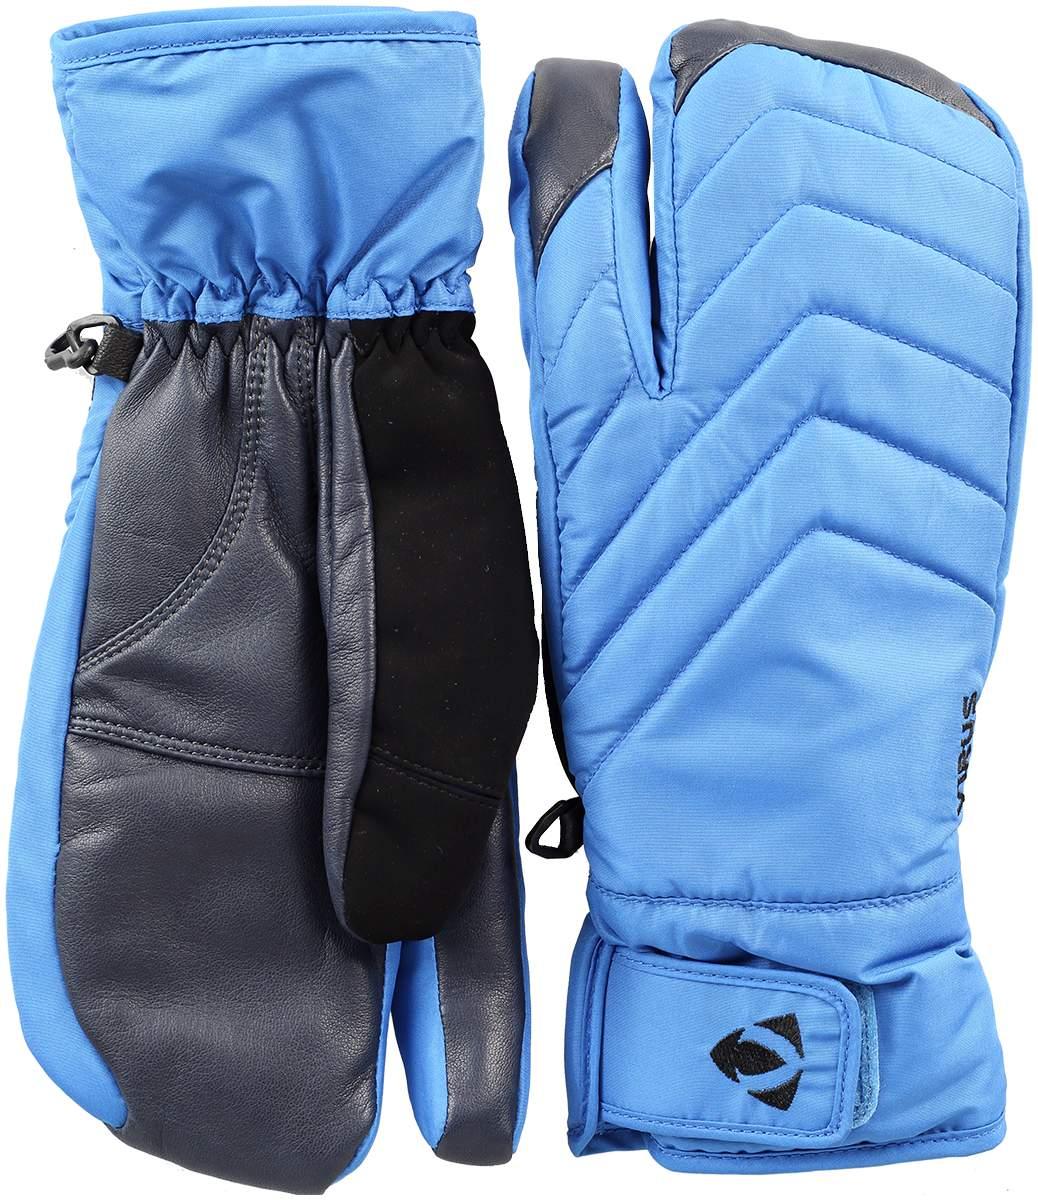 Рукавицы F4Варежки<br>Рукавицы F4 – это «мутация» популярной модели Muzzy. Разделение пальцев делает эту модель больше похожей на рукавицы, что определенно снижает...<br><br>Цвет: Синий<br>Размер: L